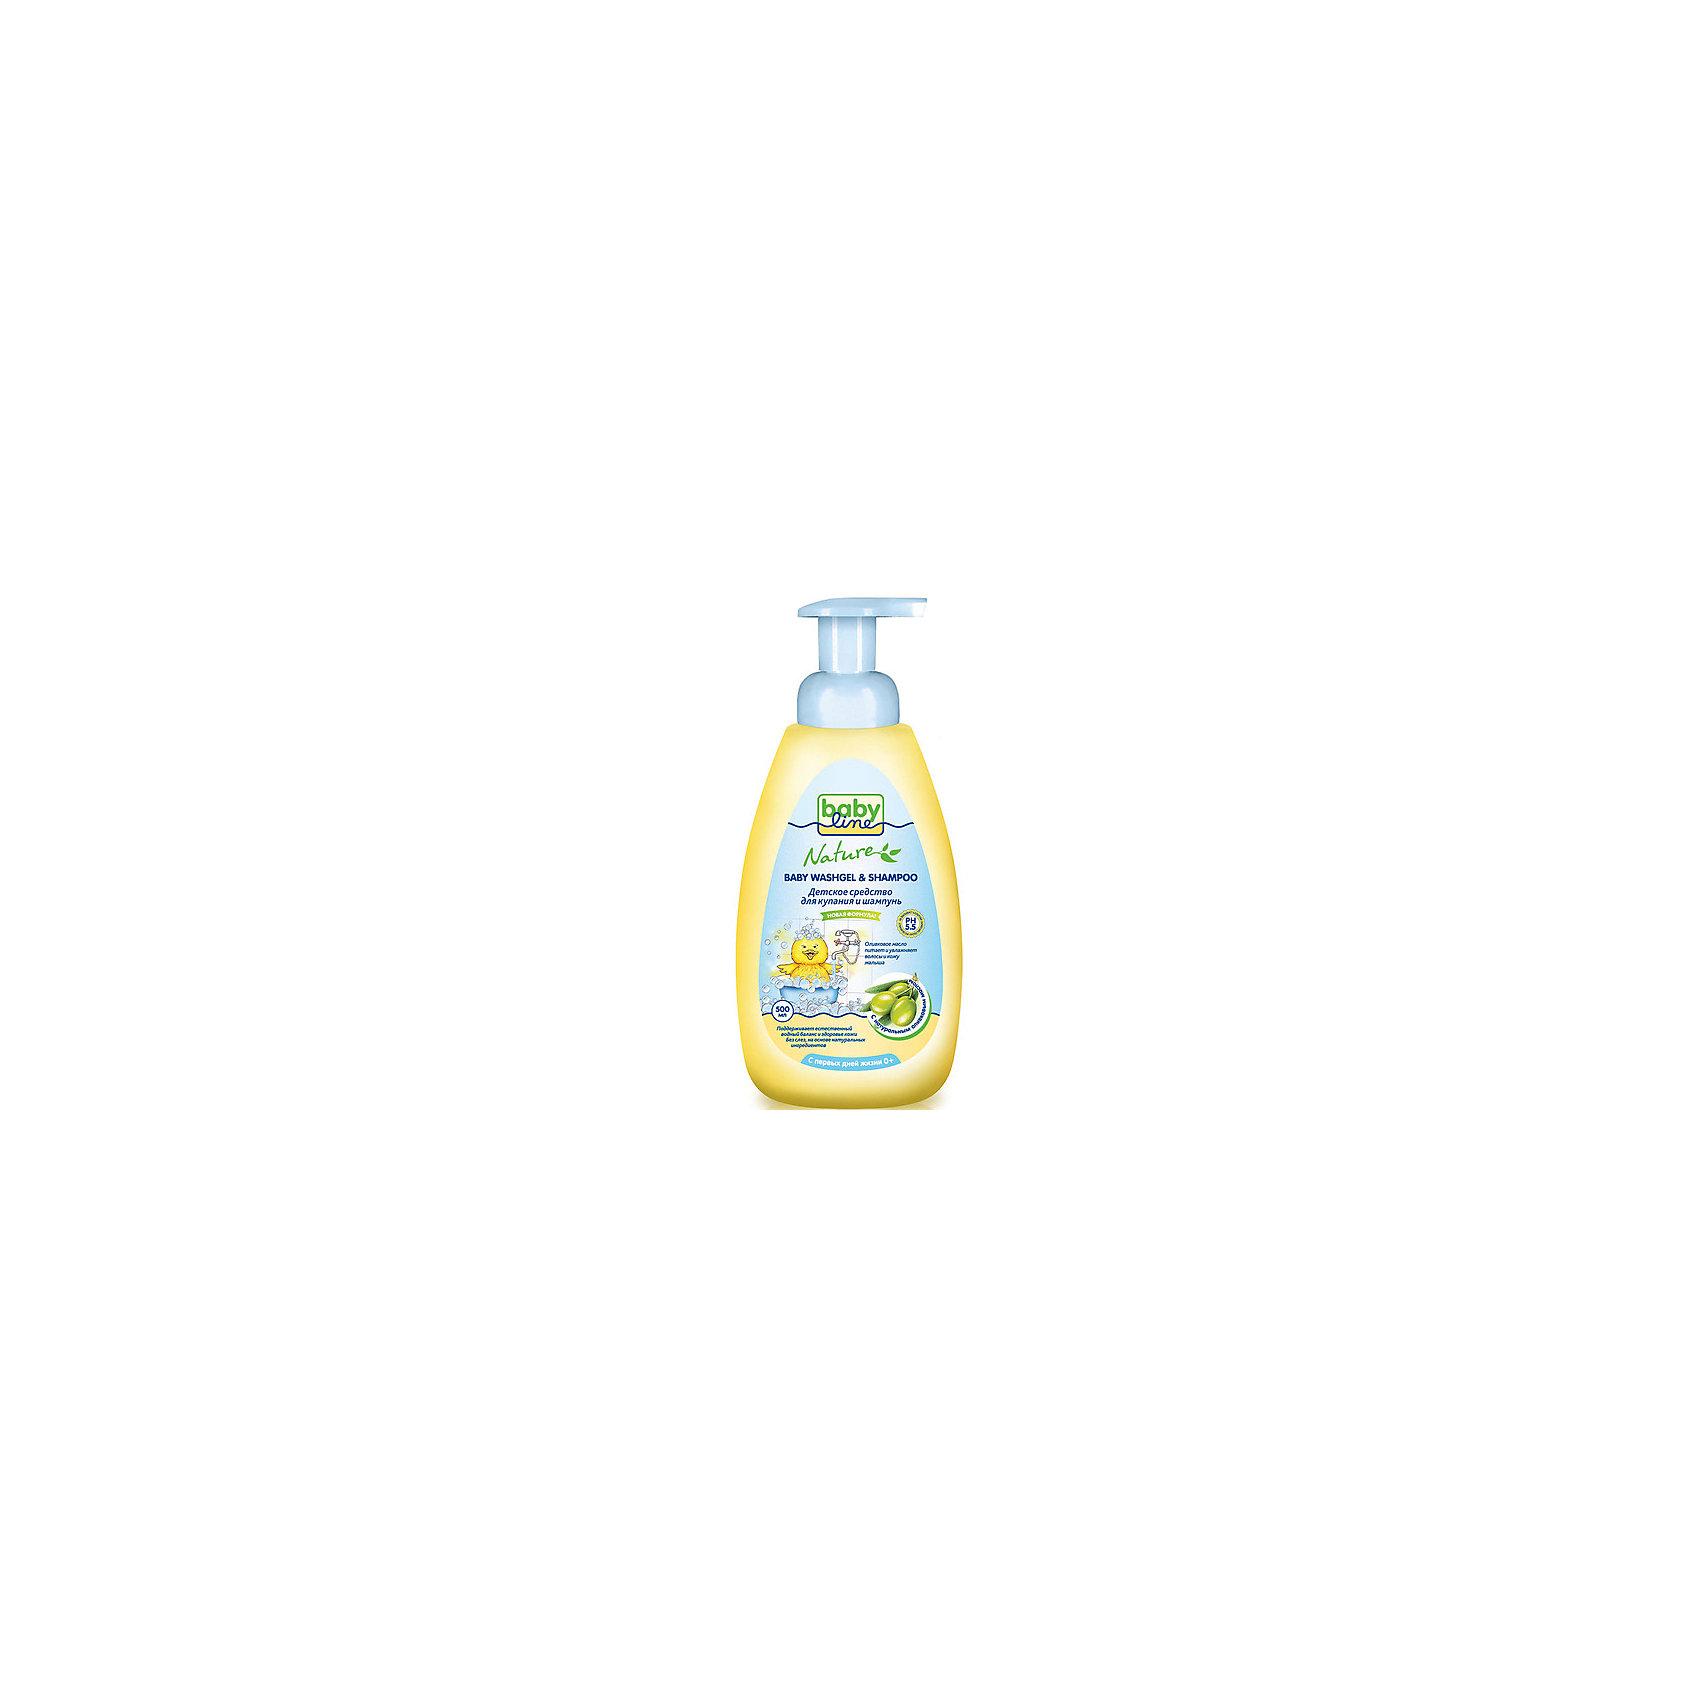 Babyline Средство для куп. и шампунь для детей с маслом оливы, Babyline, 500 мл. babyline средство для куп и шампунь для детей с маслом оливы babyline 500 мл